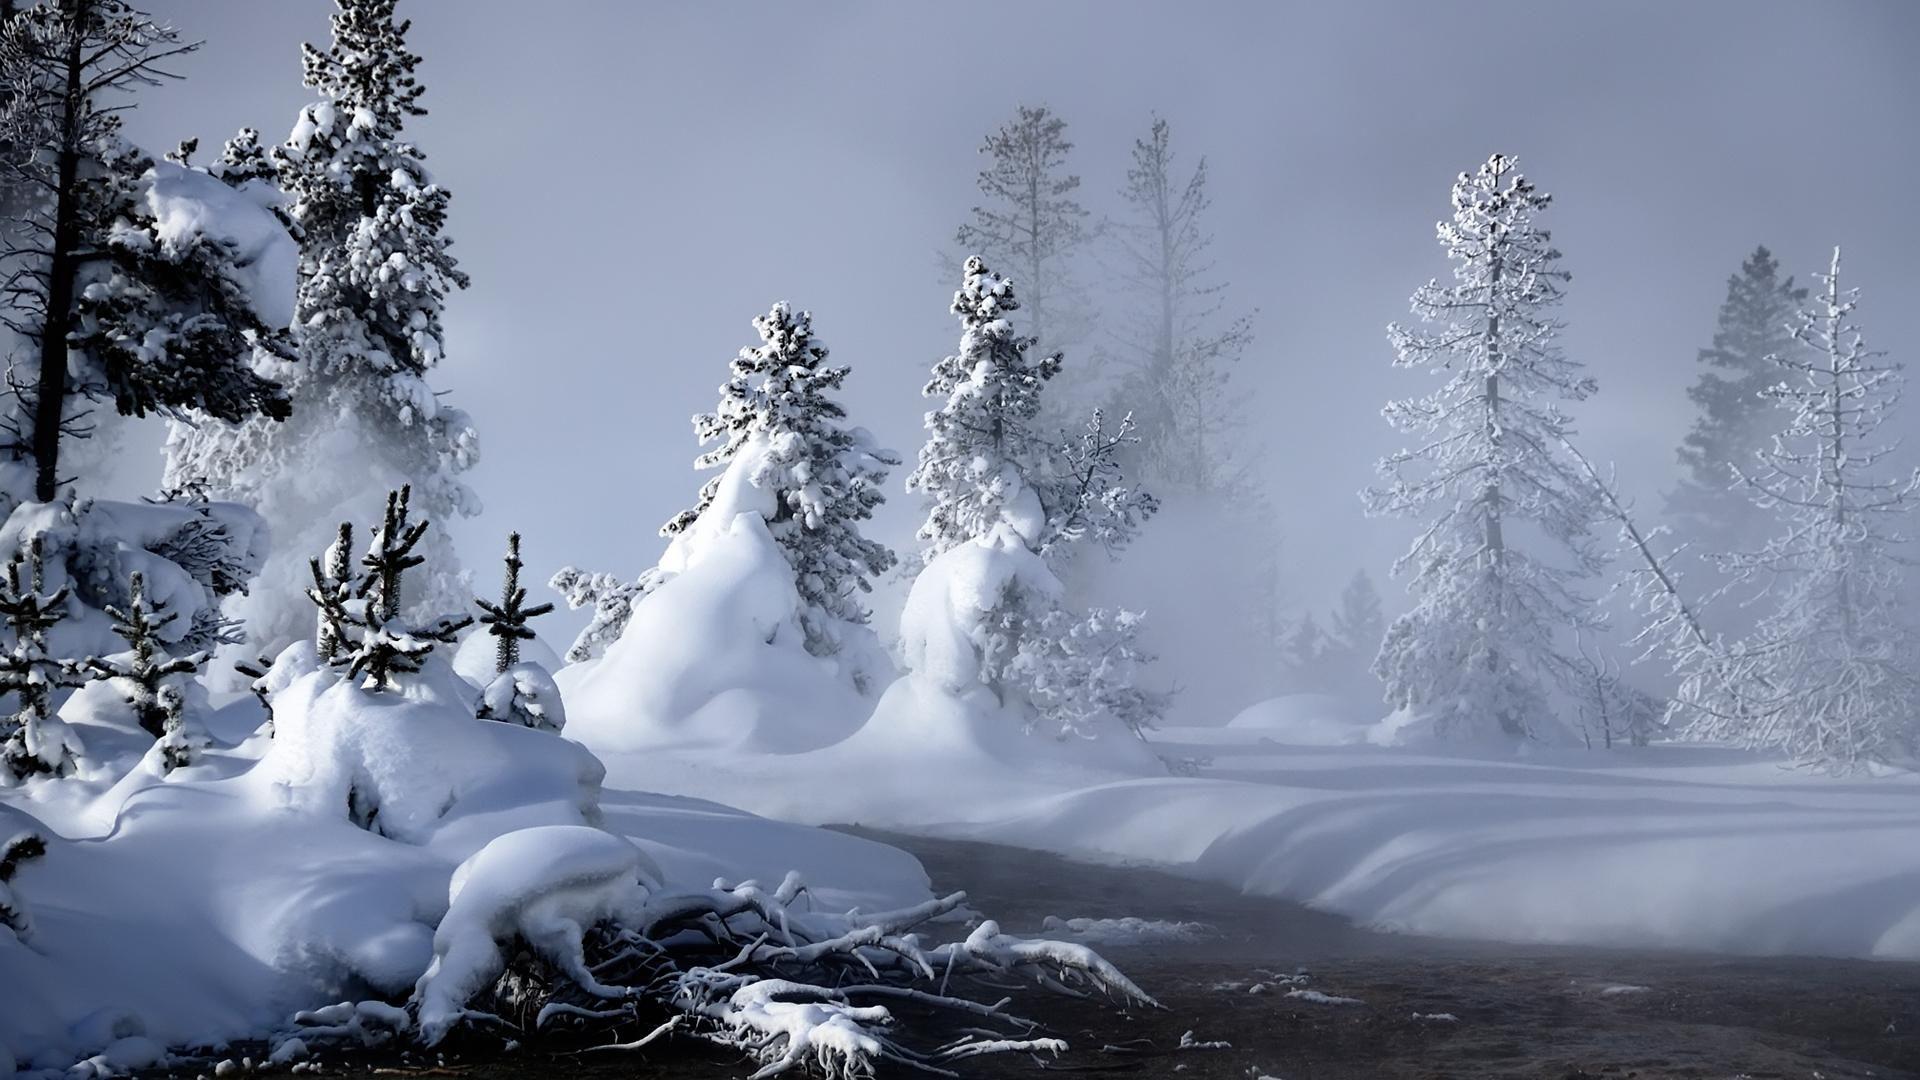 Gorgeous Winter Snow Wallpaper 44338 1920x1080 px ~ HDWallSource.com